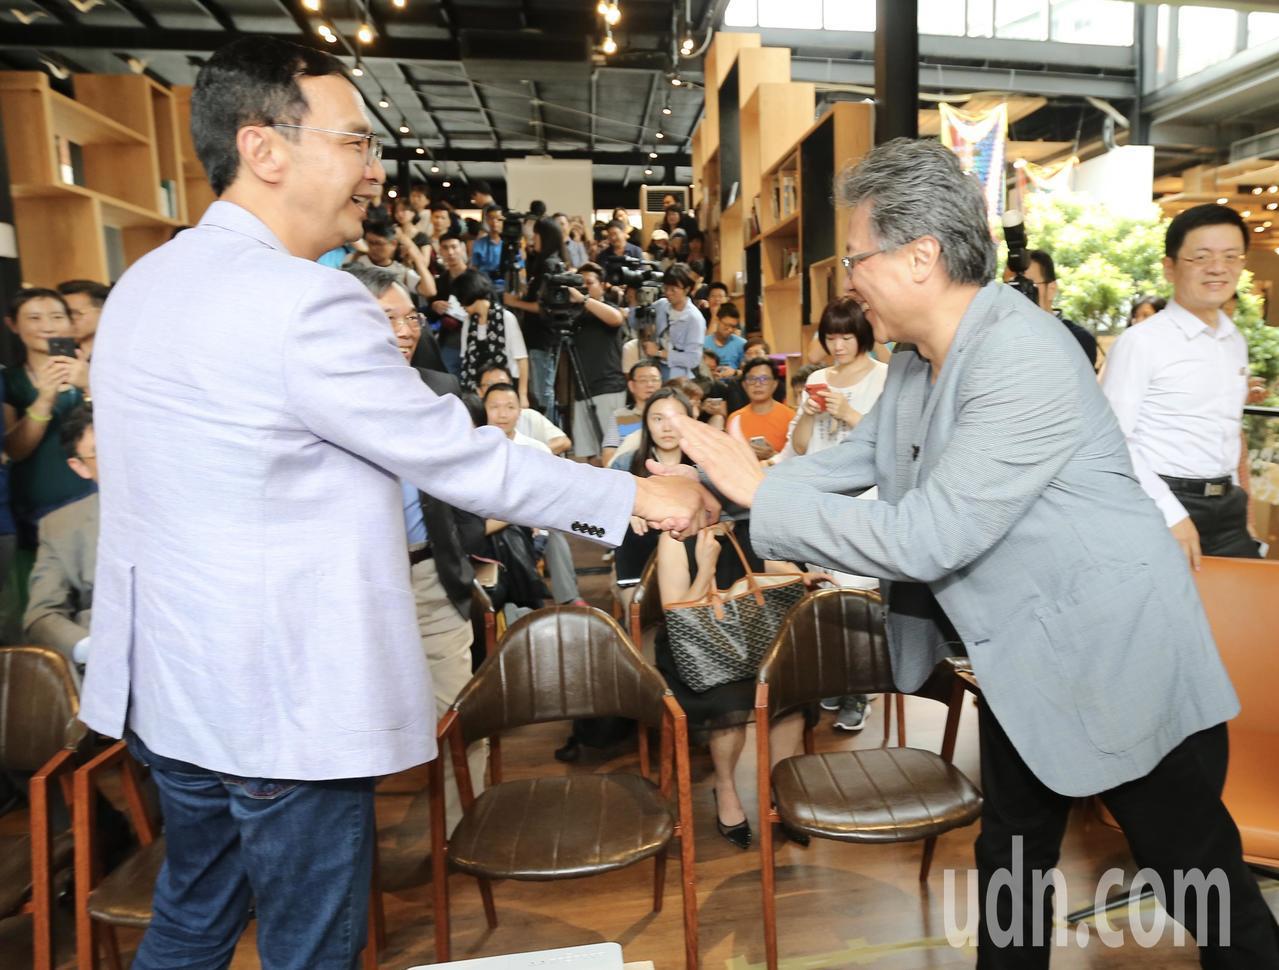 未獲提名的參選人朱立倫(左)作家張大春(右)的邀請下,出席活動。記者許正宏/攝影